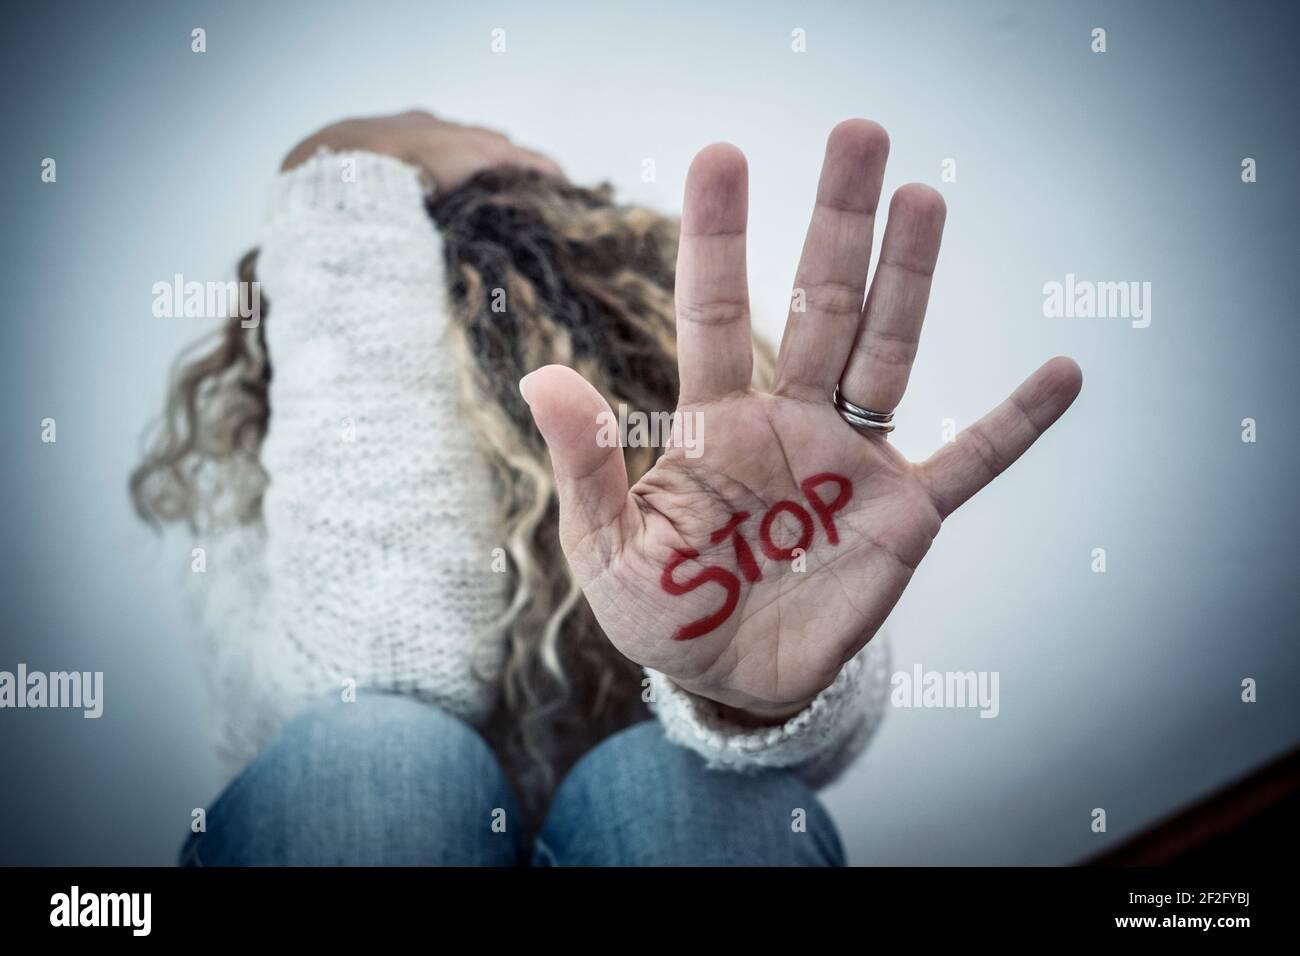 Fermare l'abuso di violenza contro la criminalità sulle donne di uomini - donne proteggersi seduto a terra con la mano alla difesa - violenza domestica del crimine e abuese della coppia Foto Stock